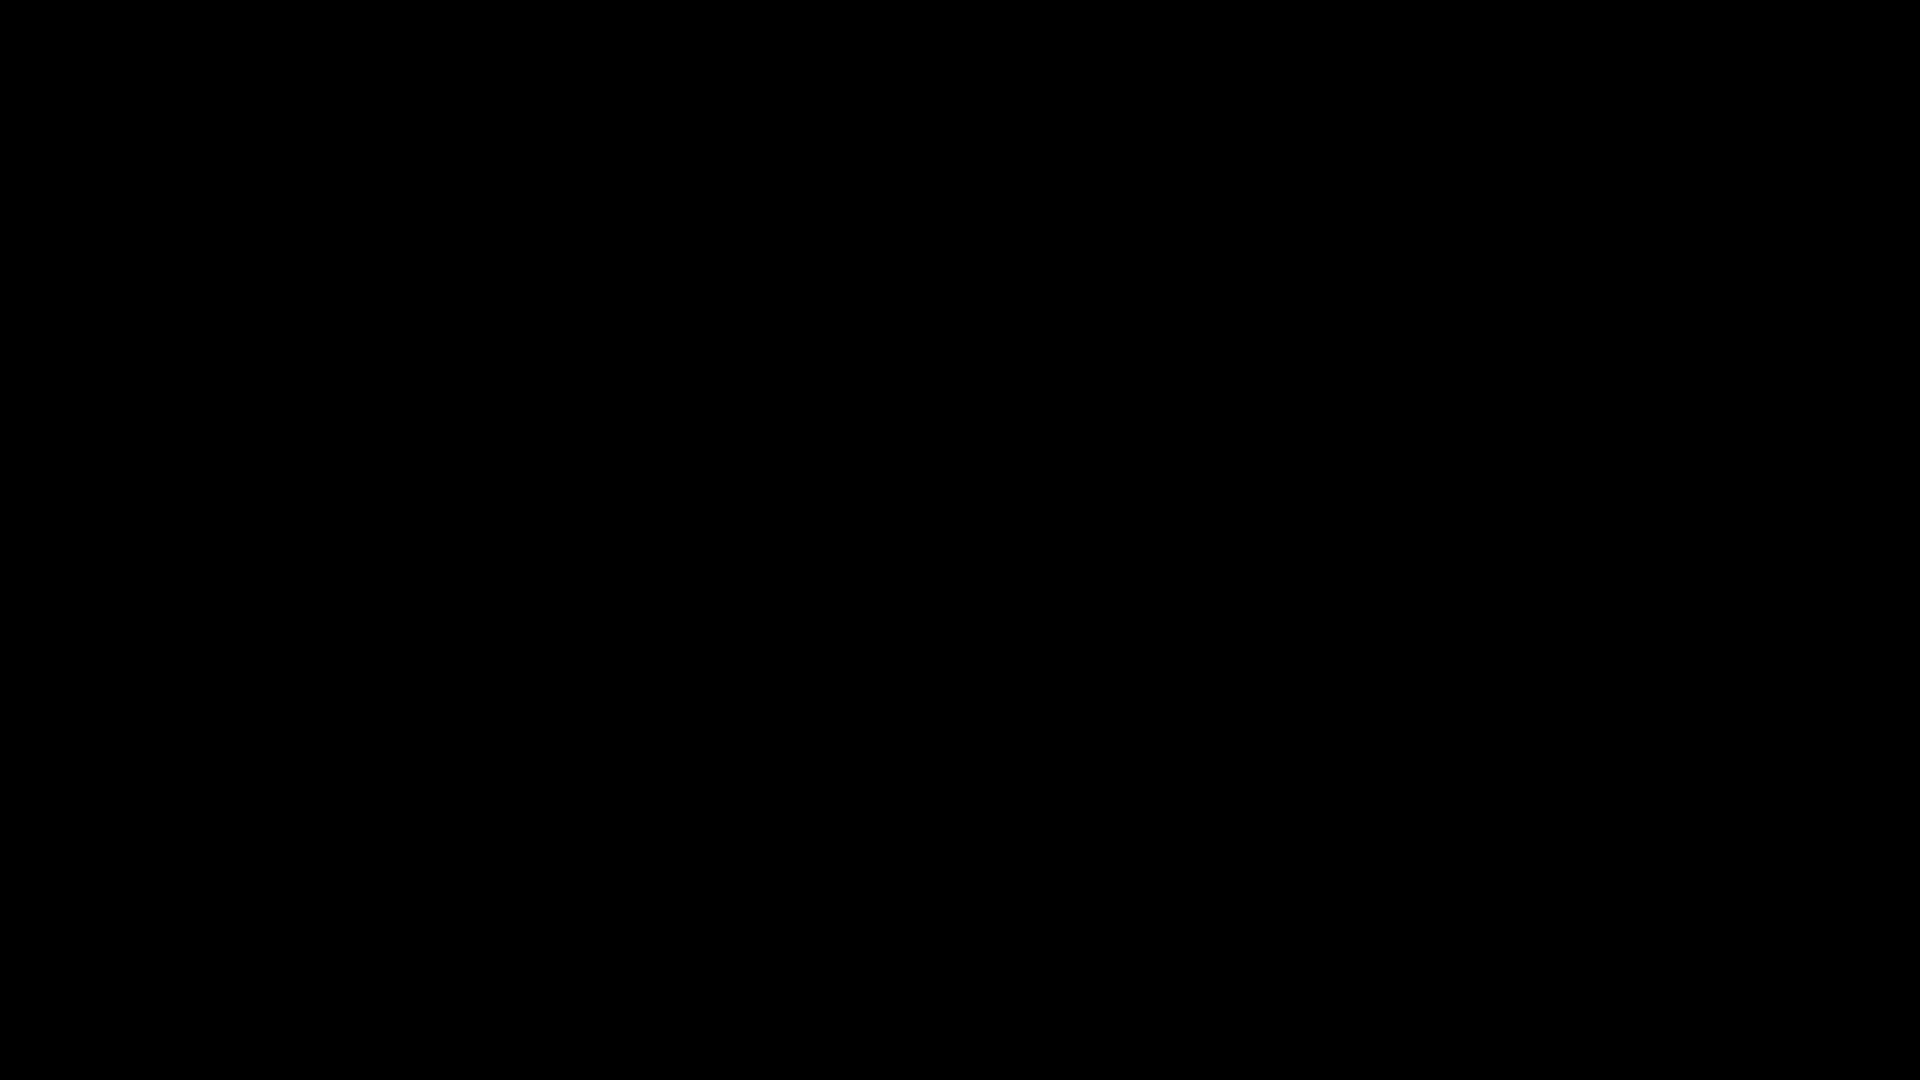 高画質露天女風呂観察 vol.032 望遠 おまんこ無修正動画無料 103pic 8